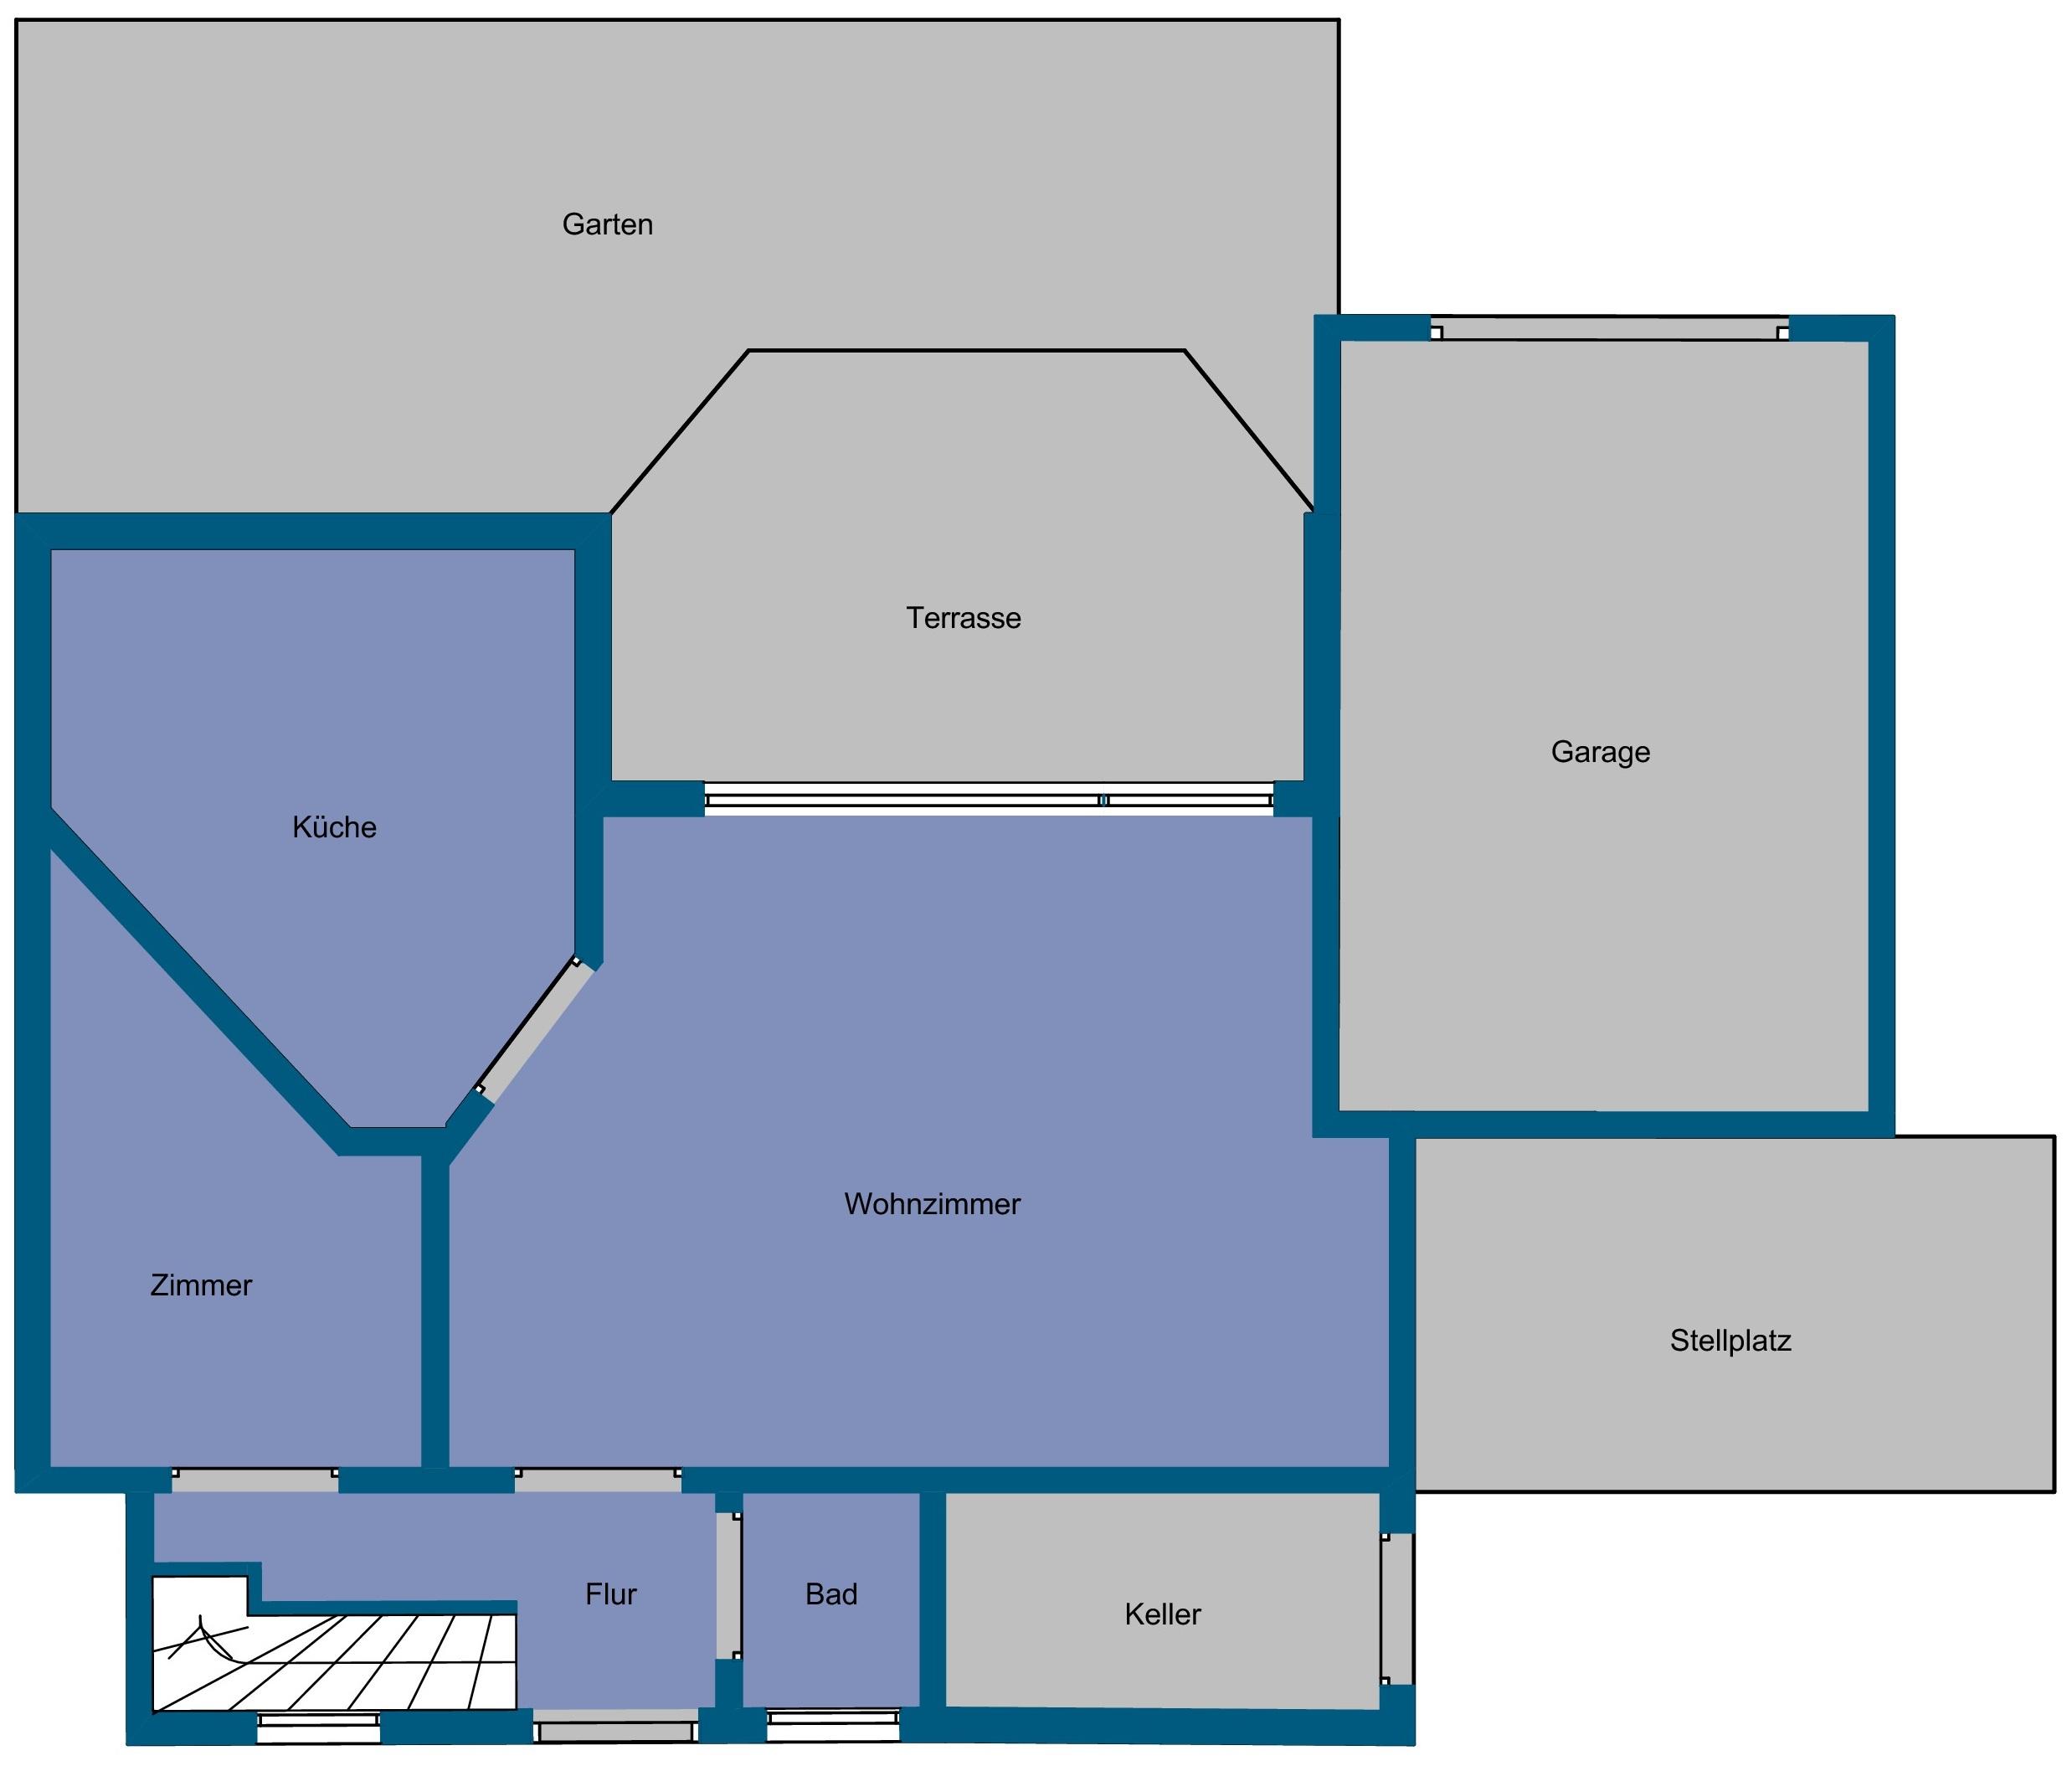 flächenberechnung - nettofläche, wohnfläche, bruttofläche